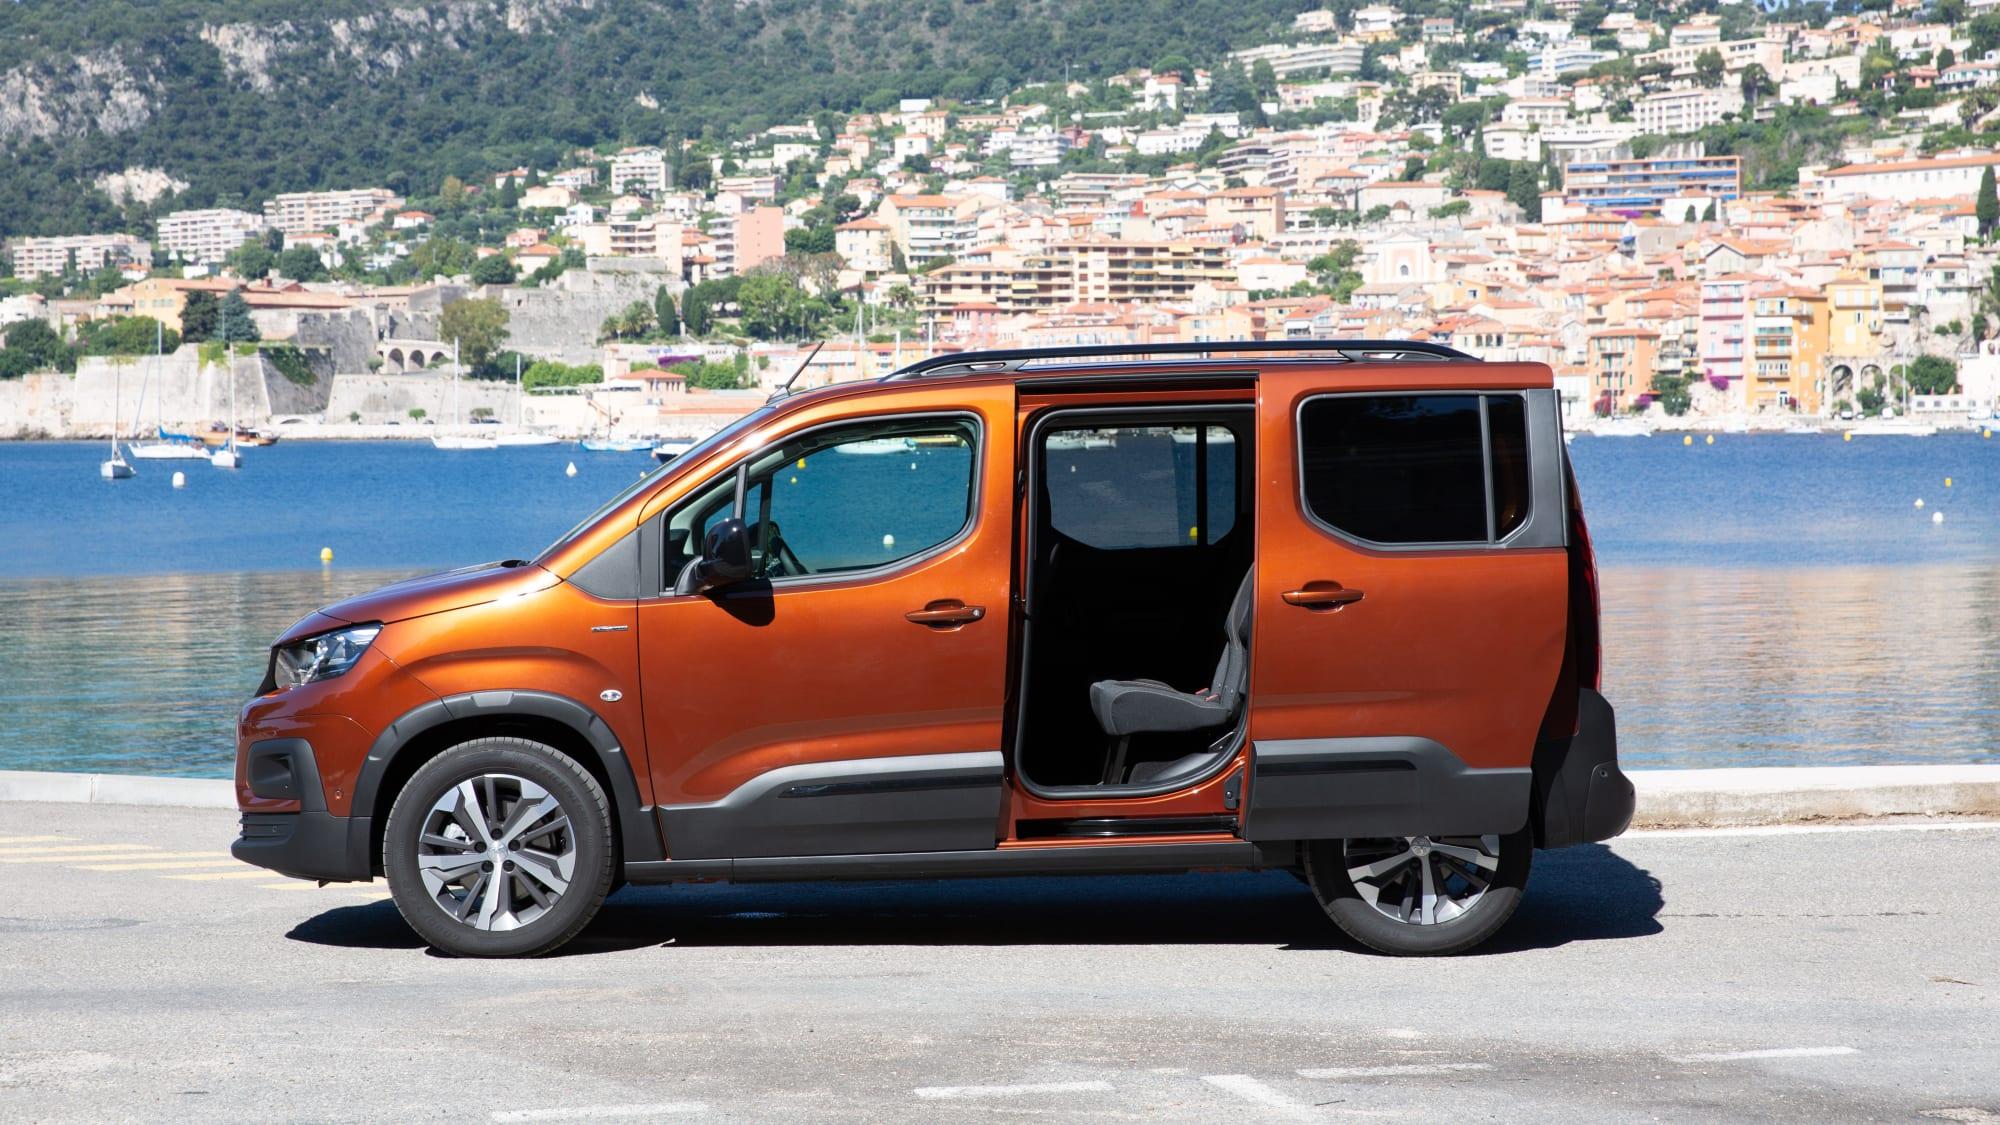 orangener Peugeot Rifter steht auf einem Parkplatz